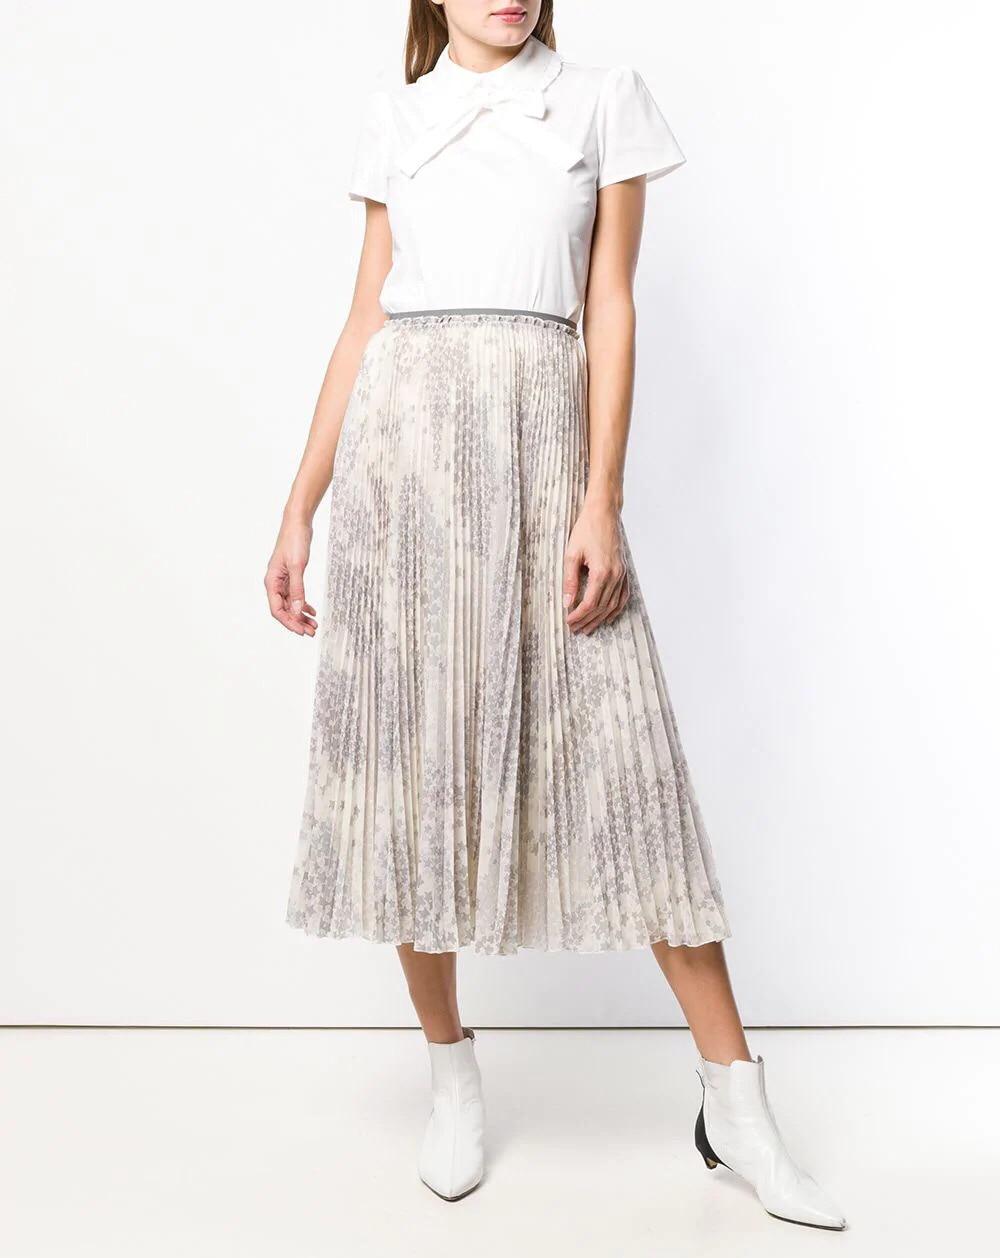 Verano 2019 Gasa De Estrella Mujeres Y Faldas Nueva Estampado Elegante Falda Con Primavera rppwA